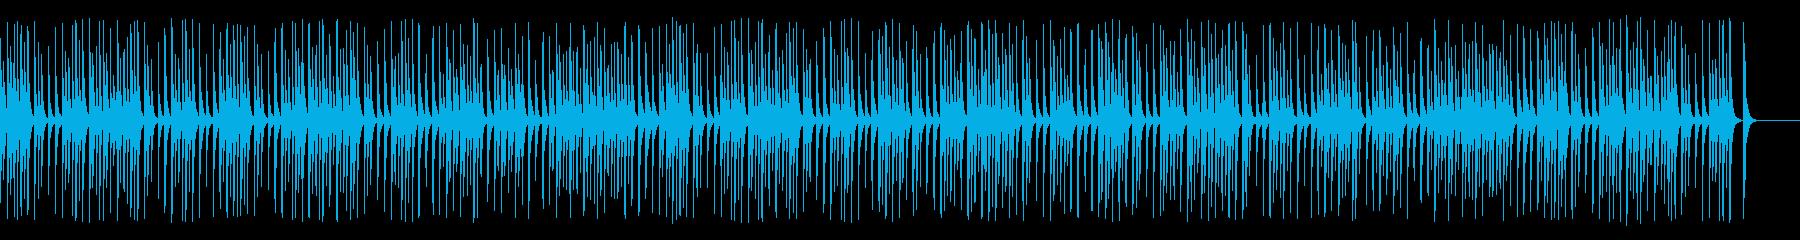 料理や教育教養系動画に合う木琴ジャズの再生済みの波形